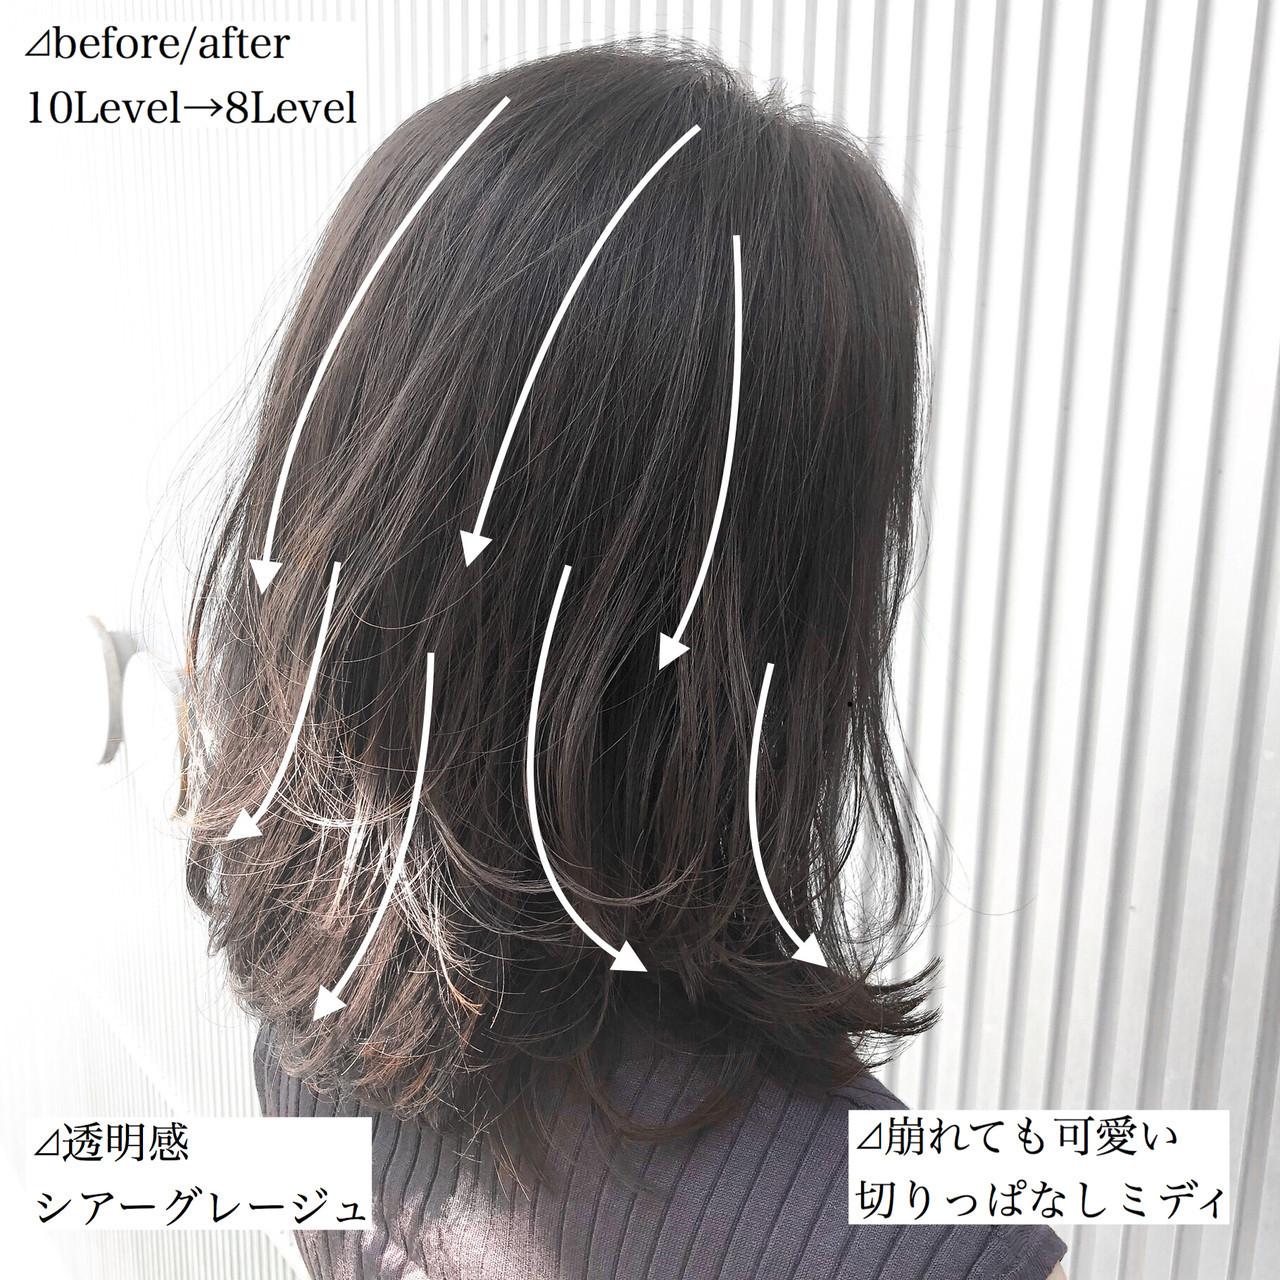 ミディアム 黒髪 ナチュラル 前髪 ヘアスタイルや髪型の写真・画像